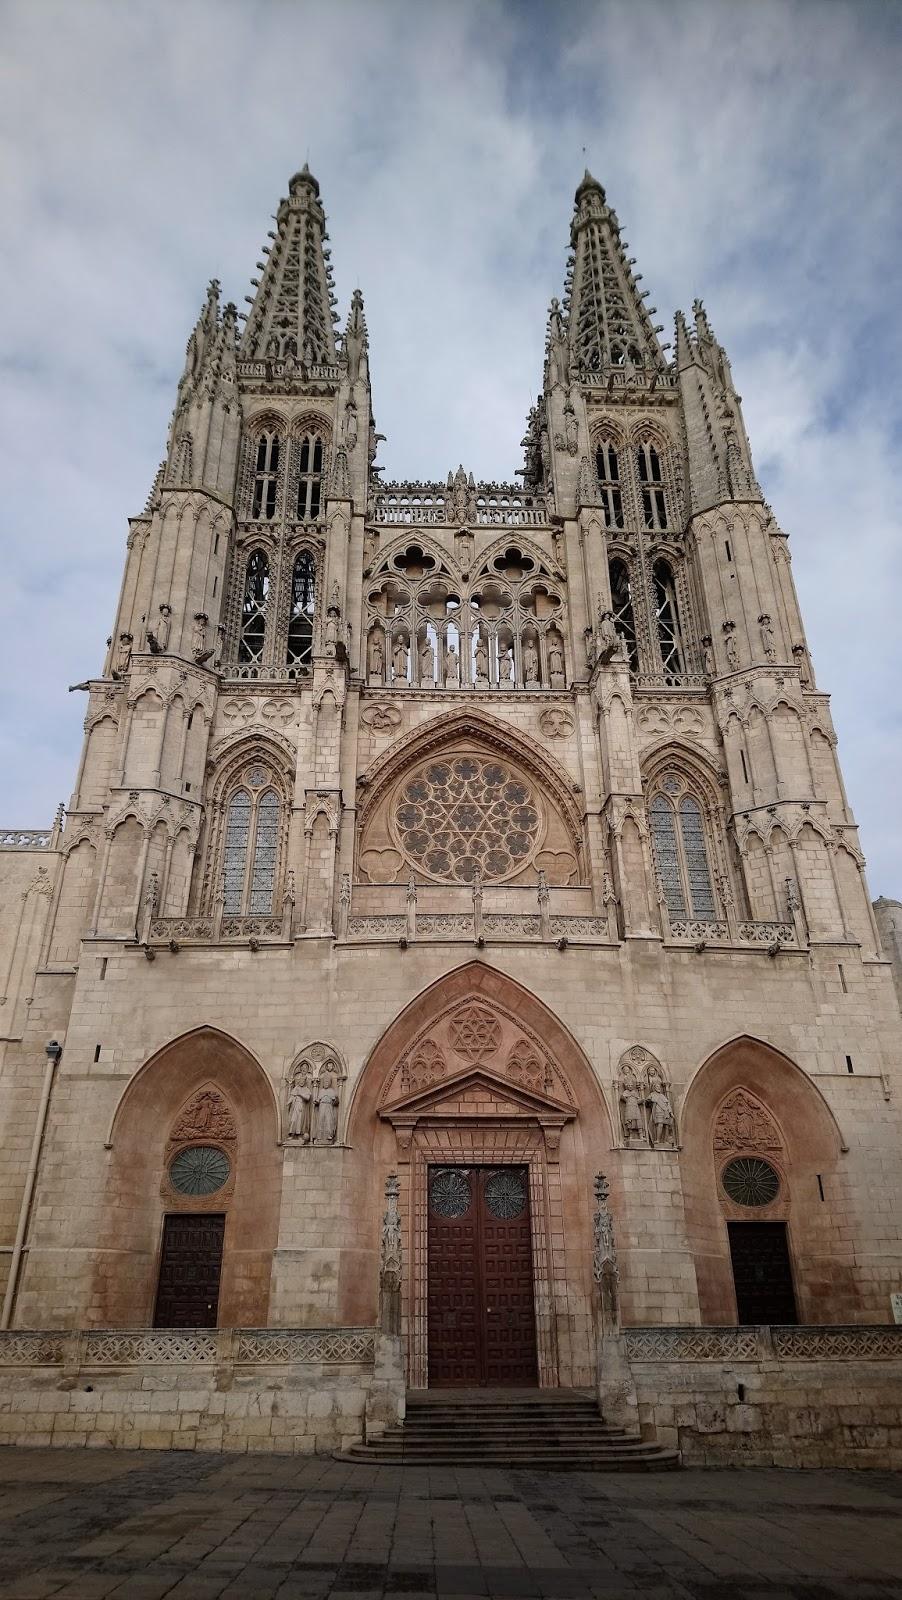 Santa Iglesia Catedral Basílica Metropolitana de Santa María